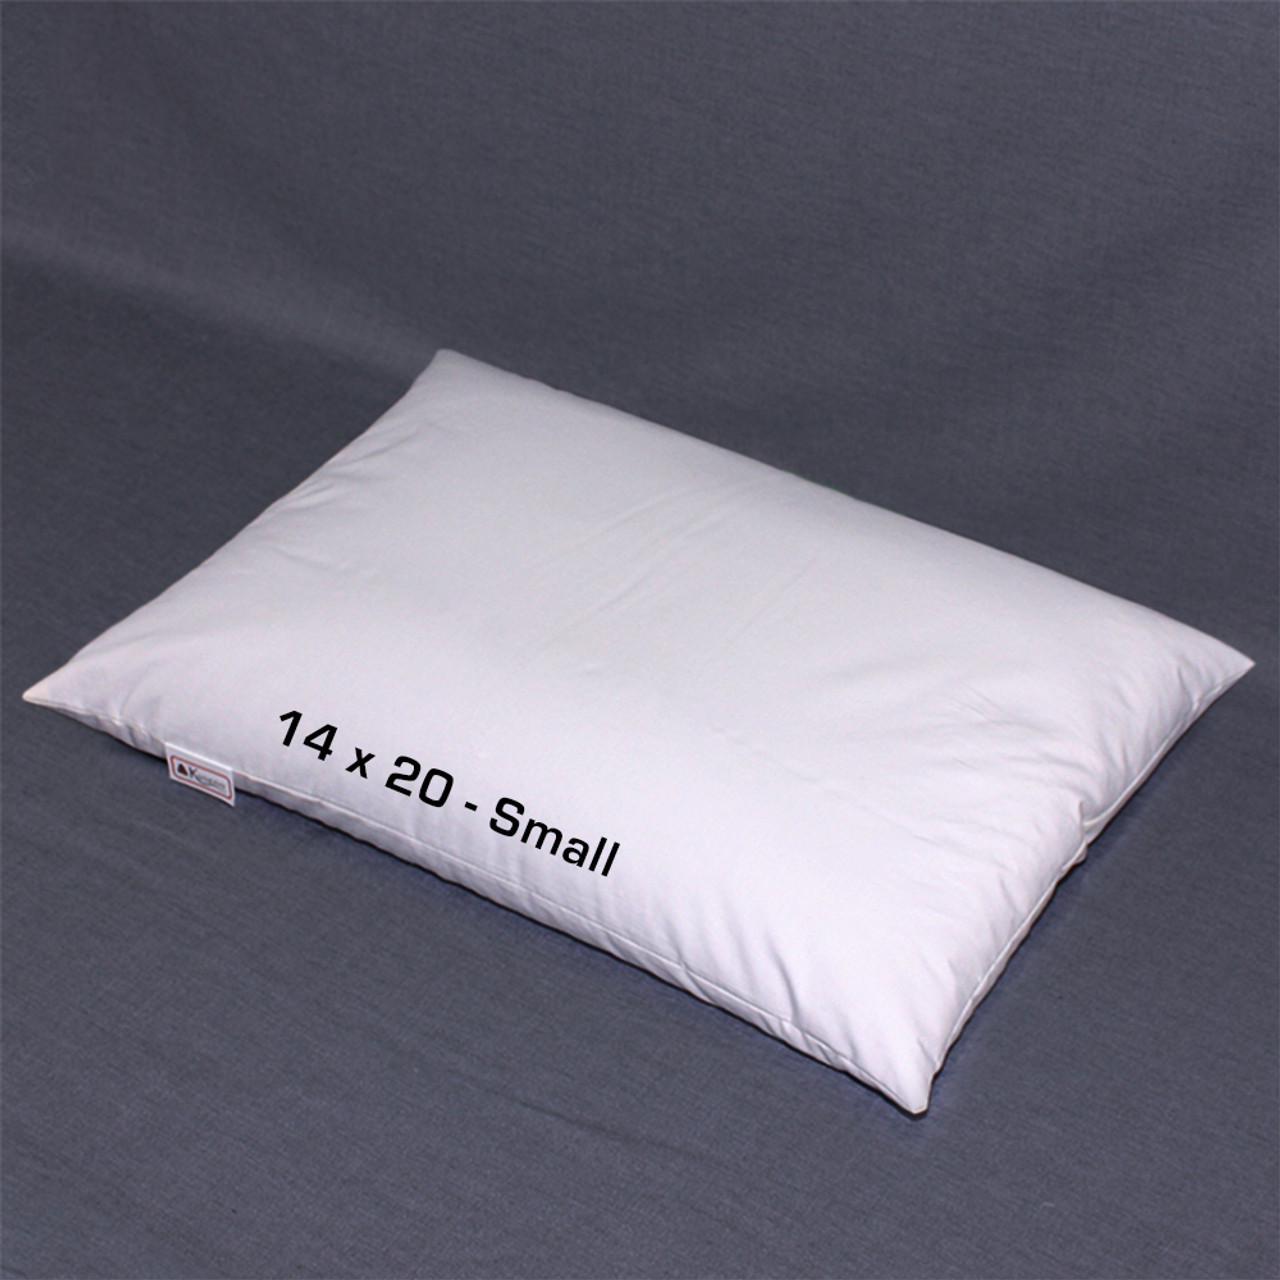 14 x 20 small buckwheat hull pillow